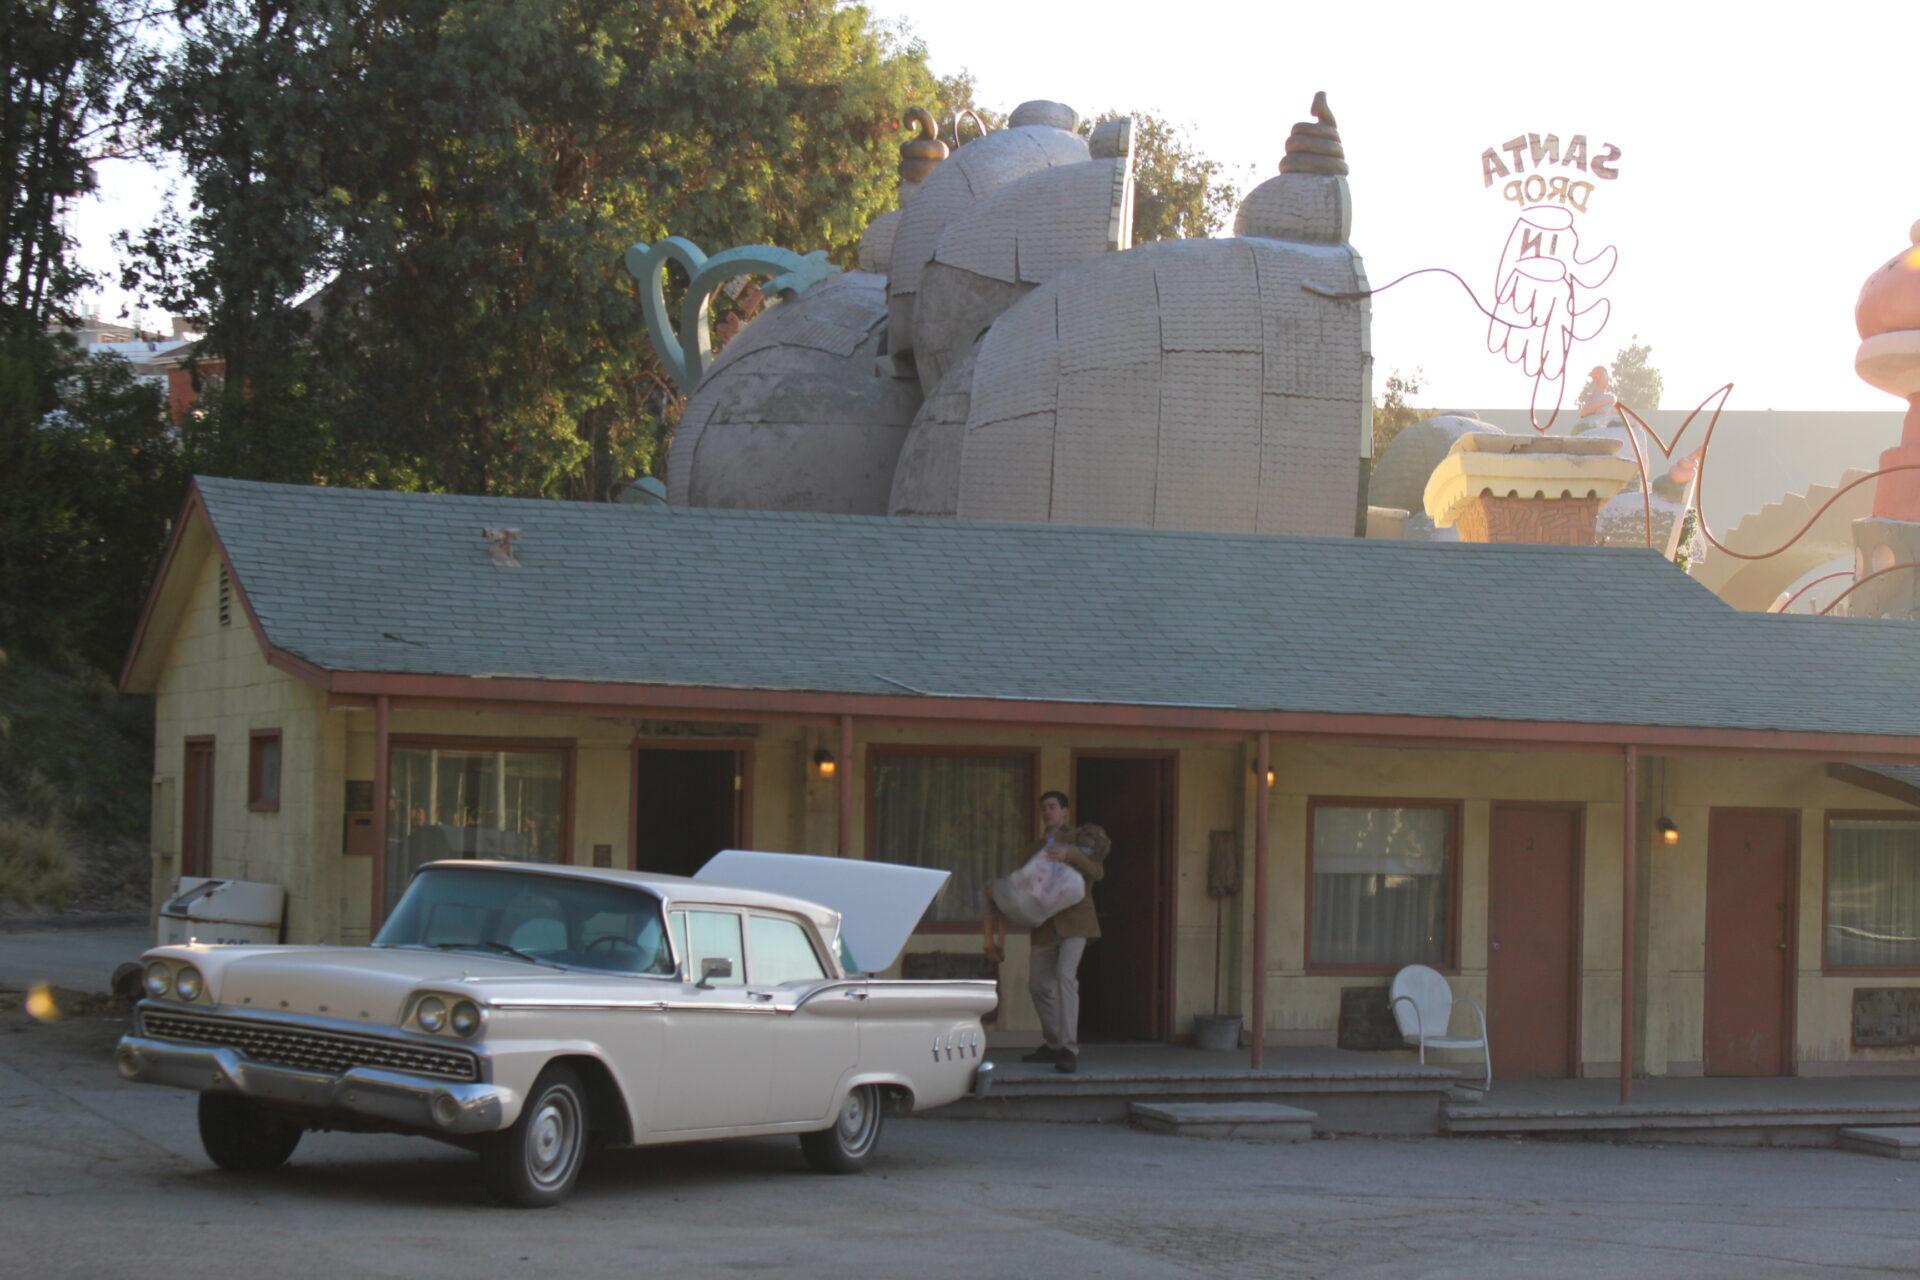 Simulação da famosa cena do filme Psicose, no Bates Motel.